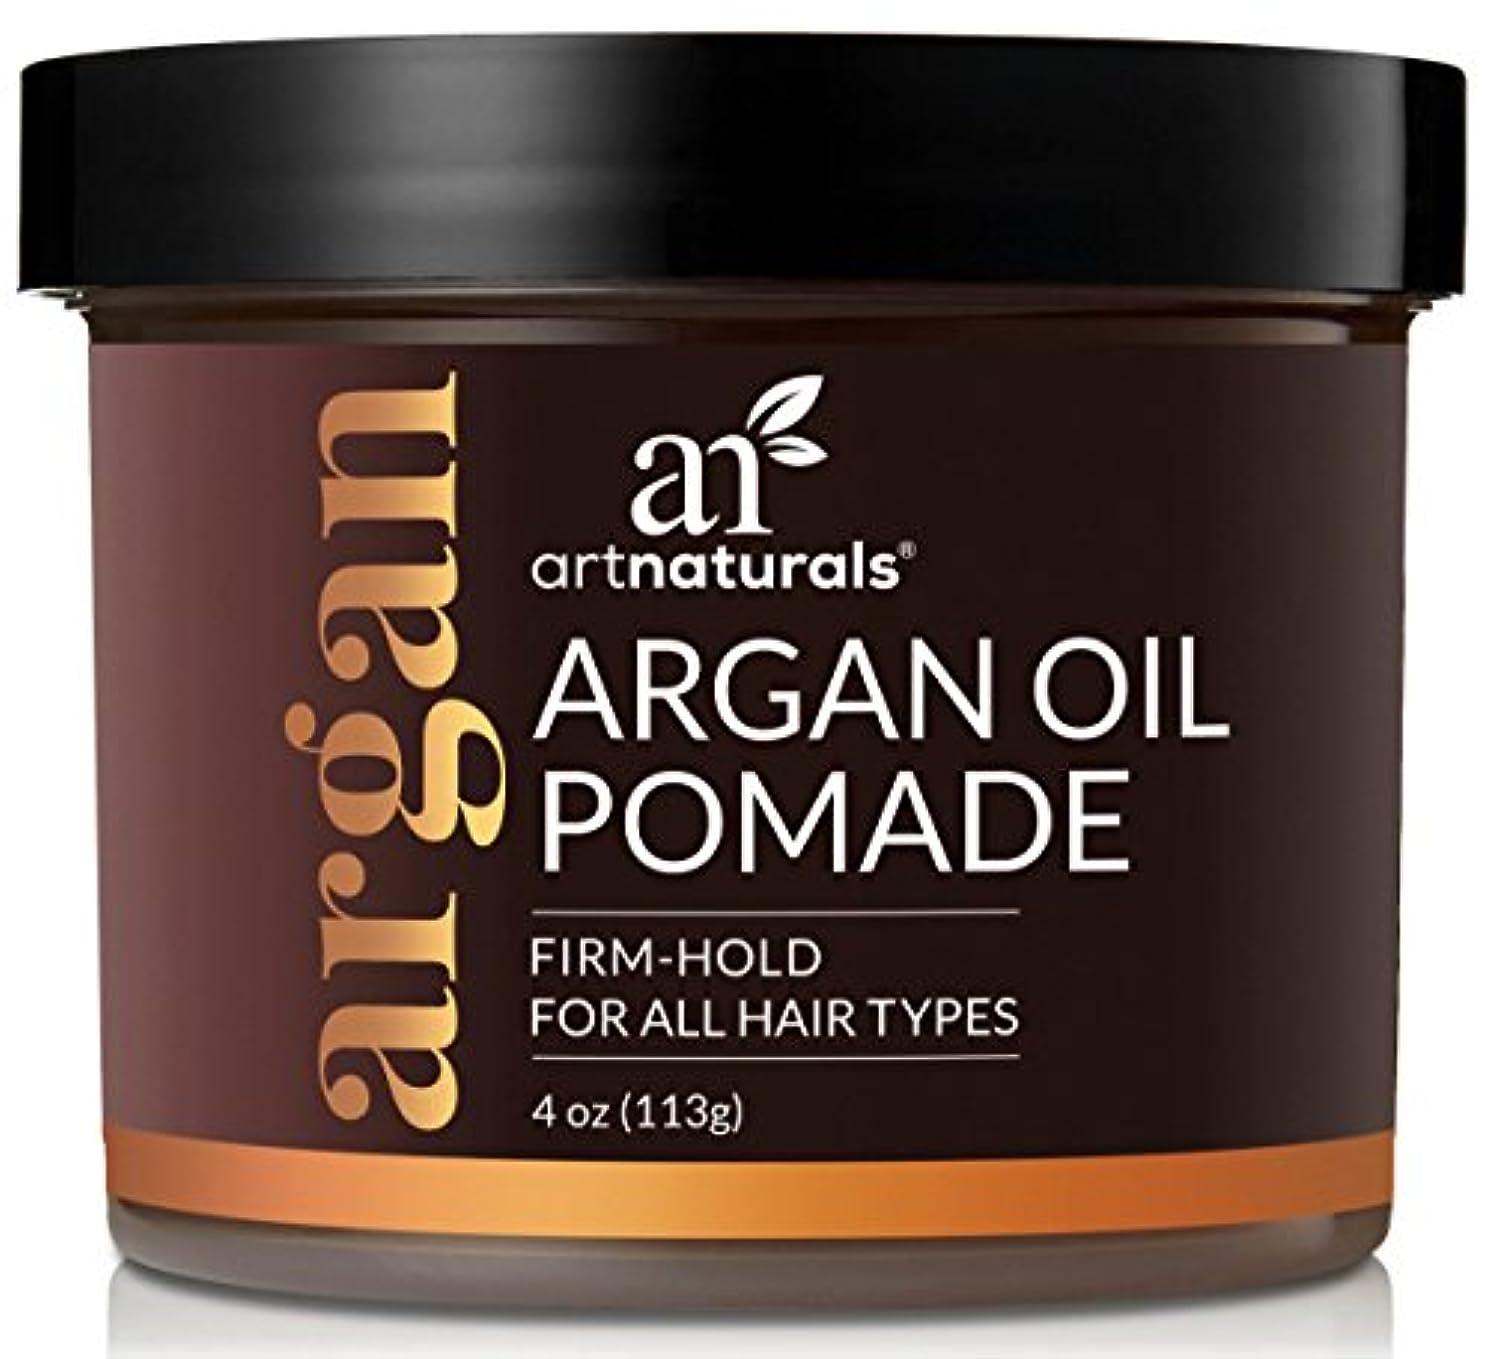 キャスト謝罪するメッセージArtNaturals Professional Argan Oil Pomade - (4 Oz / 113g) - Strong Hold for All Hair Types – Natural Hair Styling...